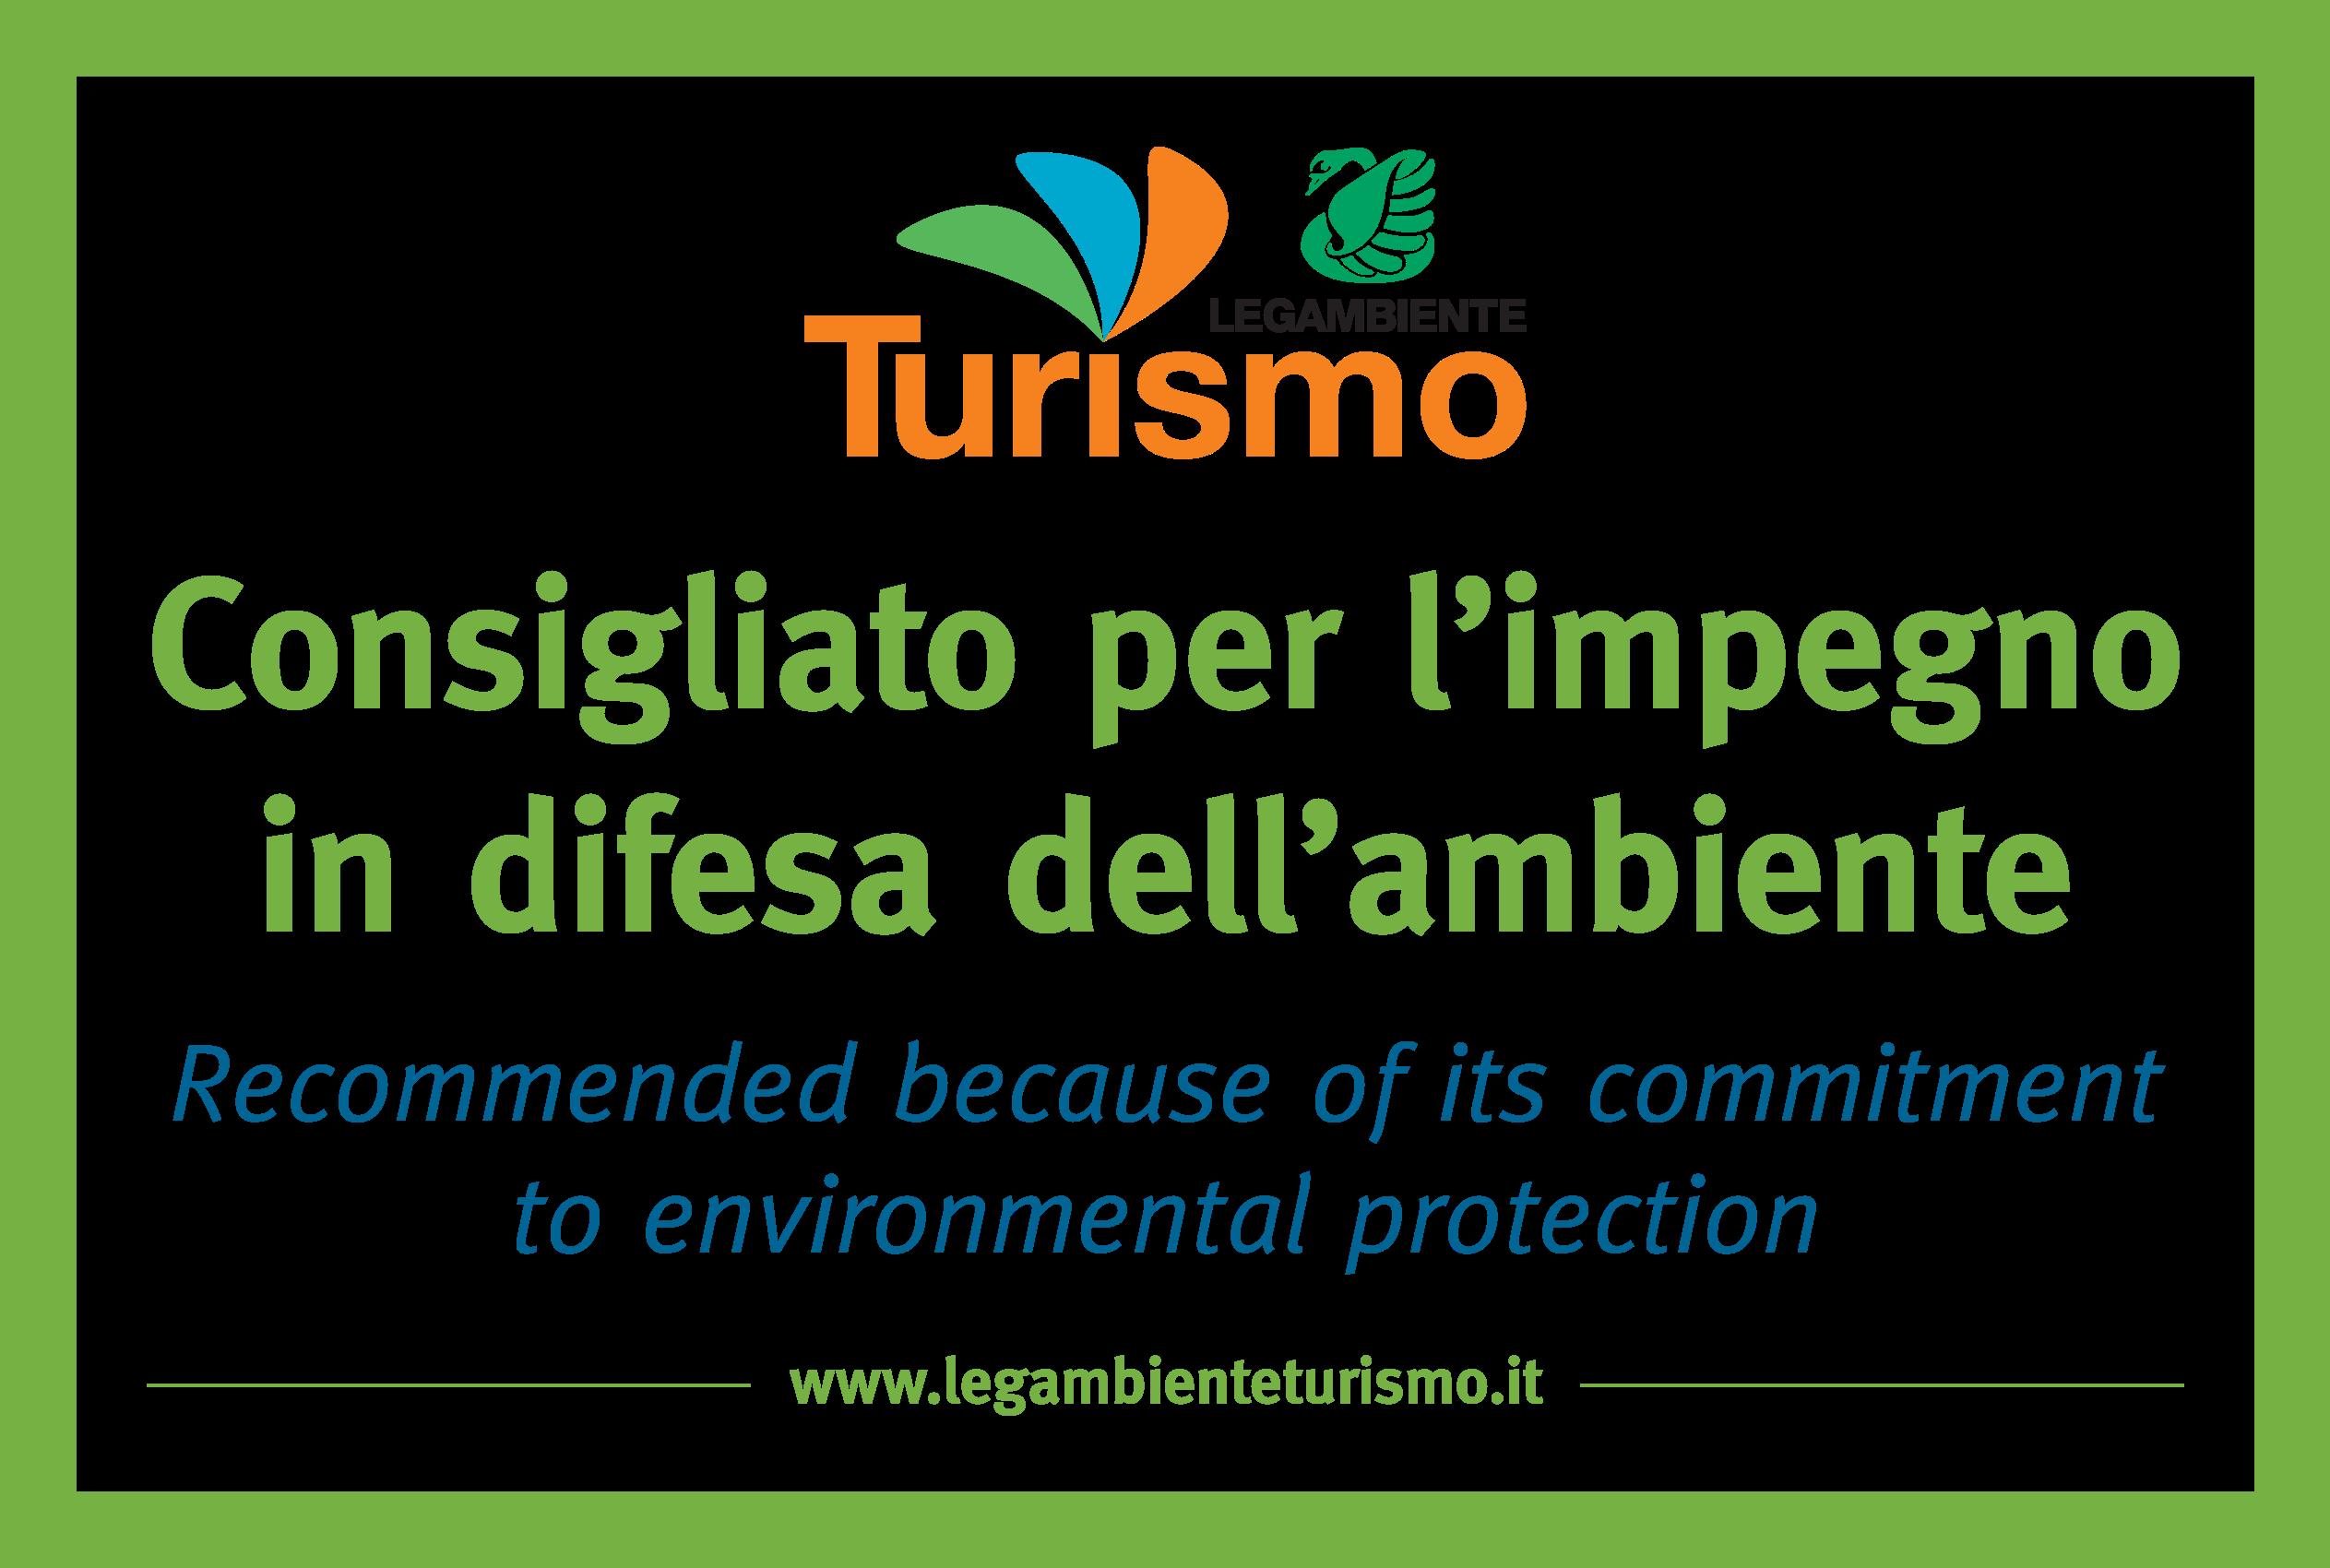 targa-turismo-legambiente-consigliato